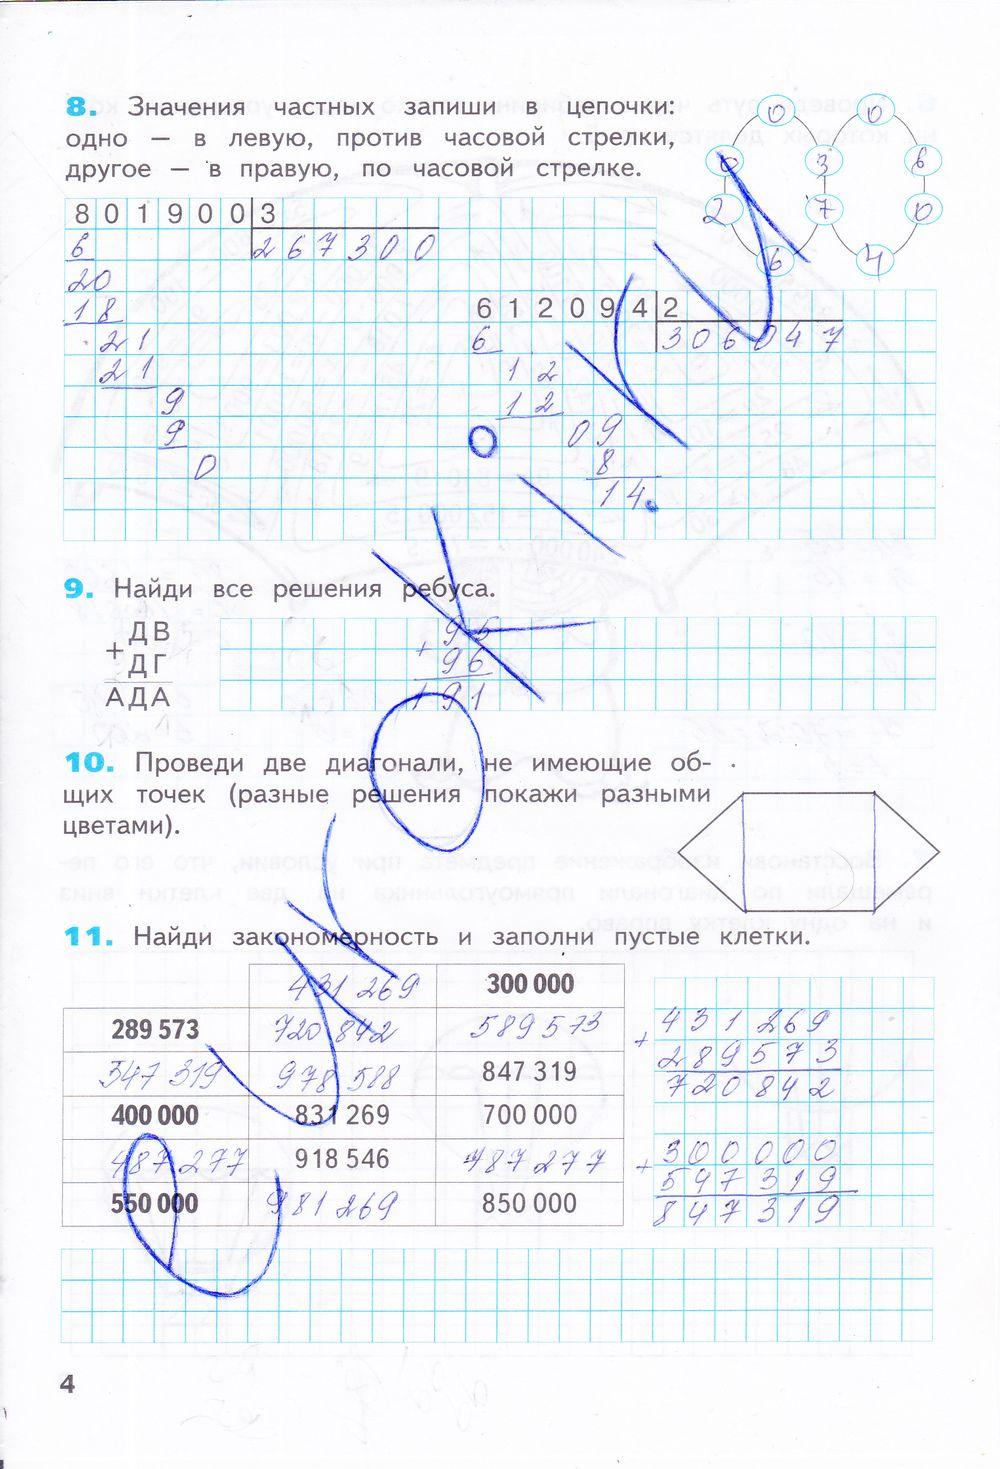 Гдз тетрадь по экономике 6 класс автор гордеева посмотреть задание 3 на странице